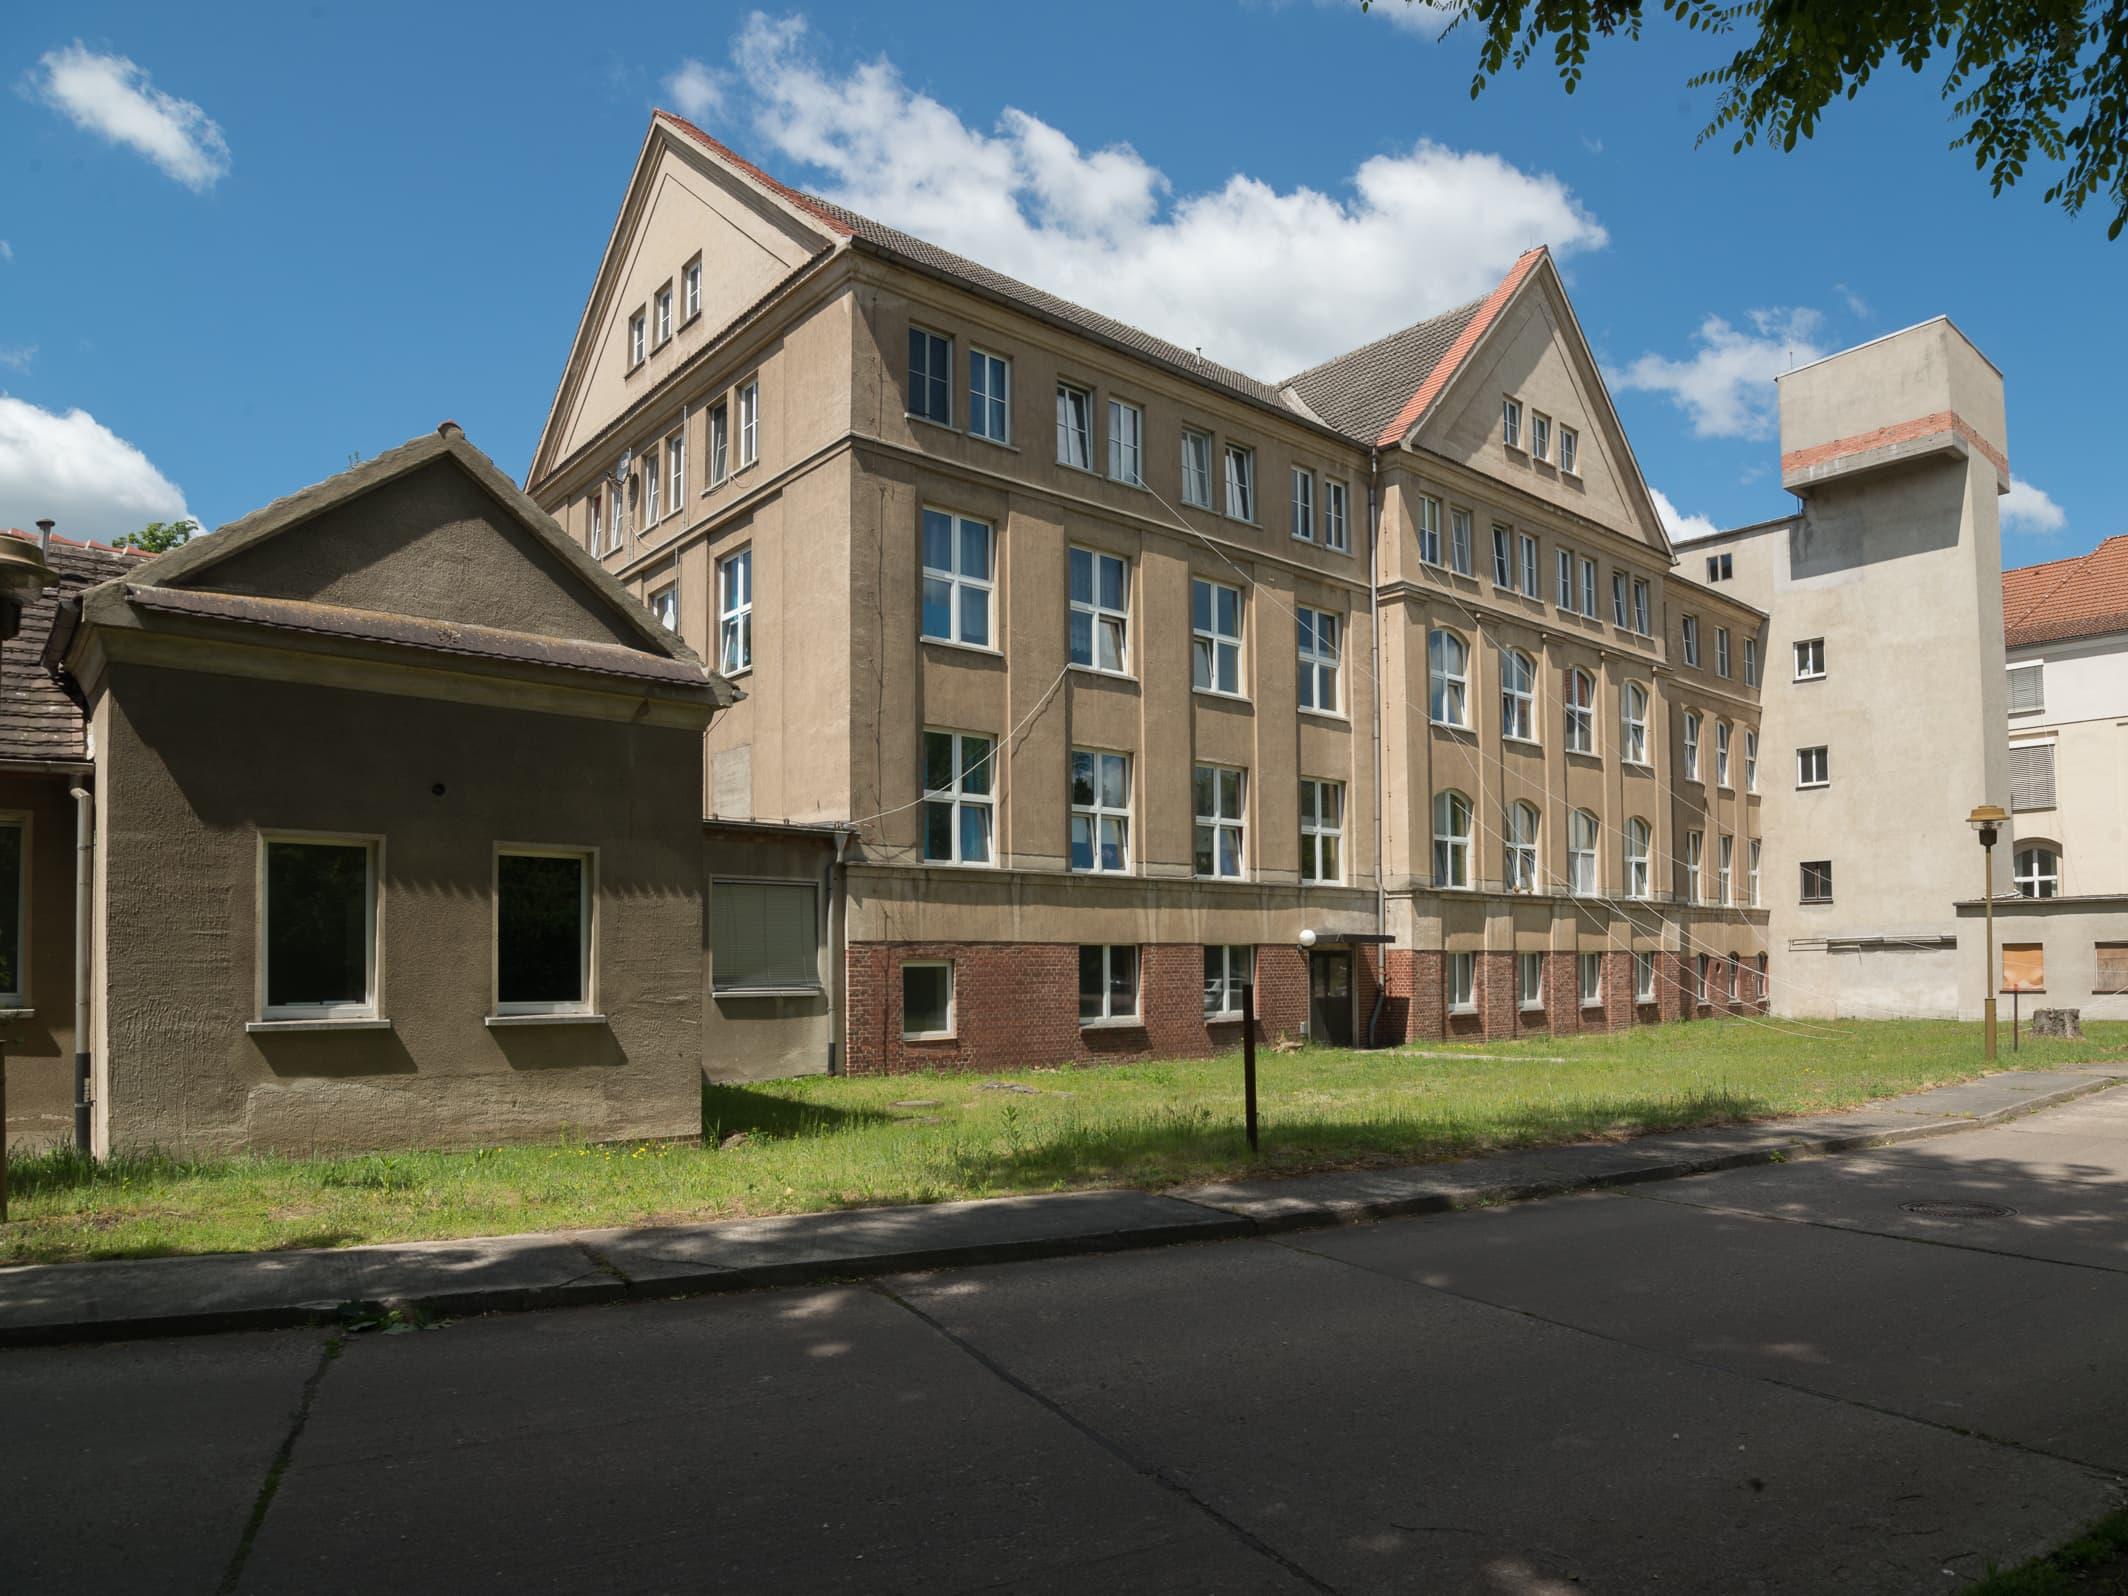 Industriekultur – WASAG Haupt-Werk Reinsdorf